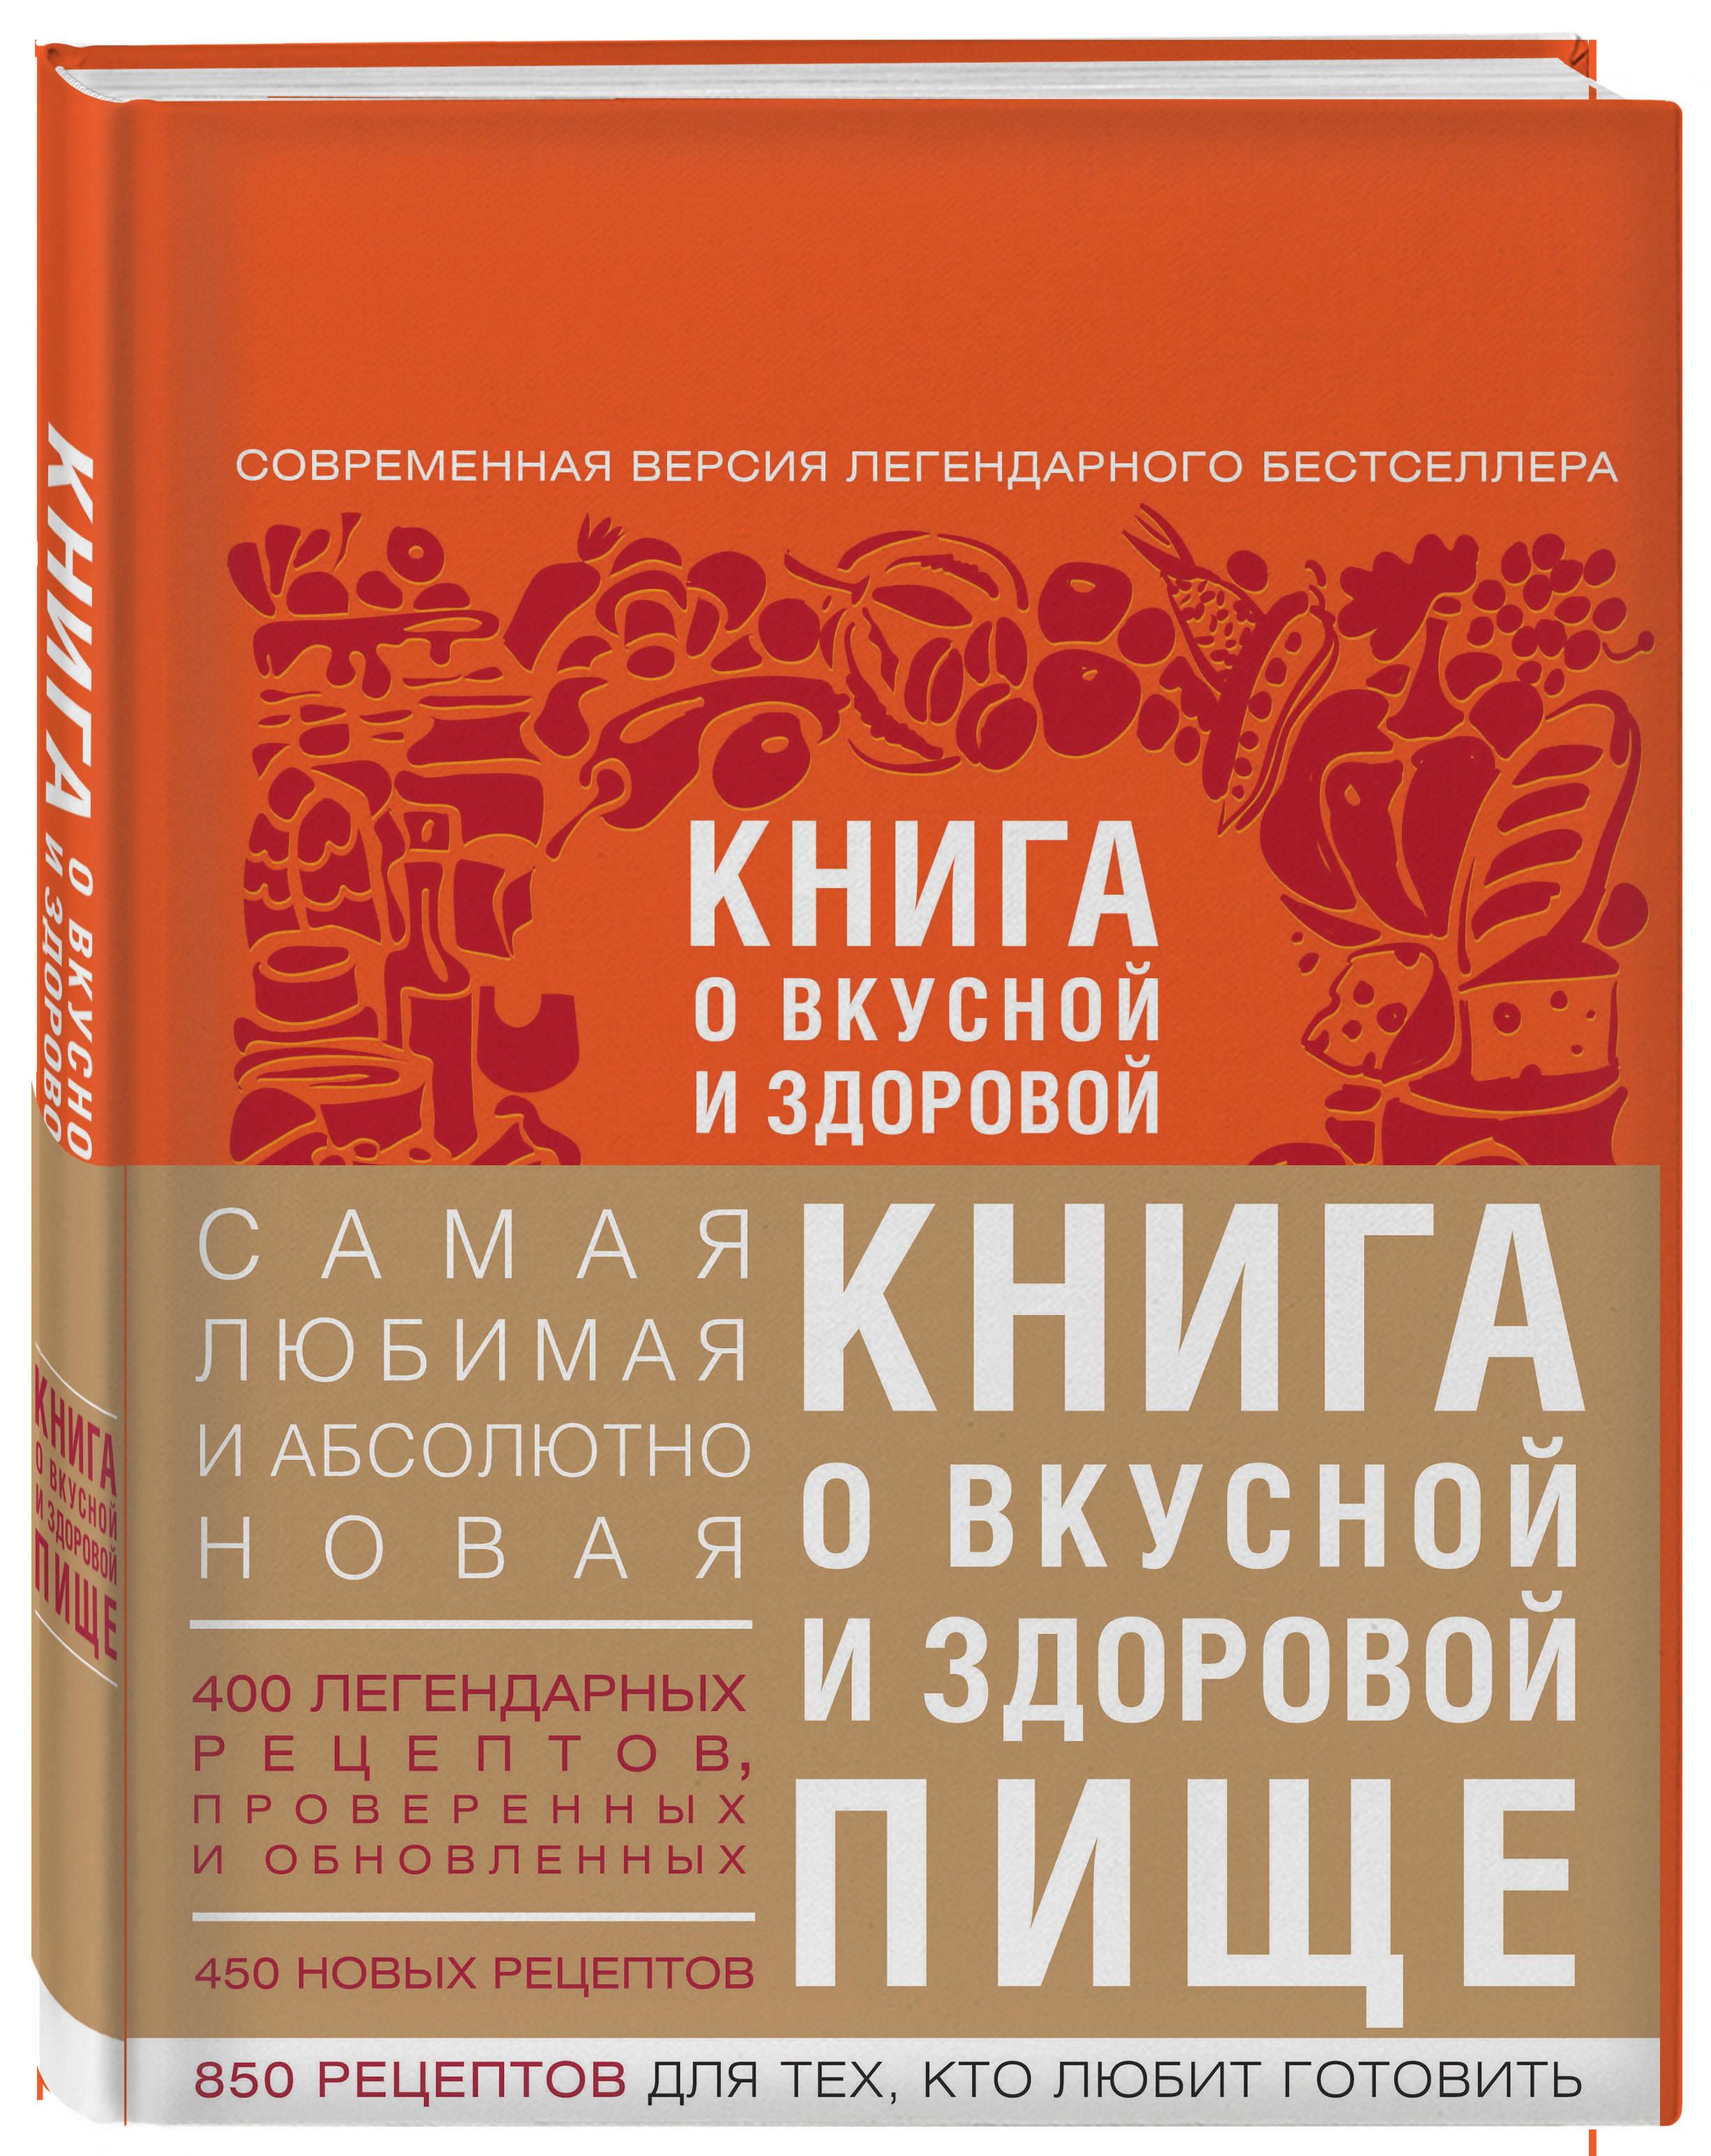 Книга о вкусной и здоровой пище (с институтом питания) оф. 2 книга о вкусной и здоровой пище с ин том питания 2е оформление